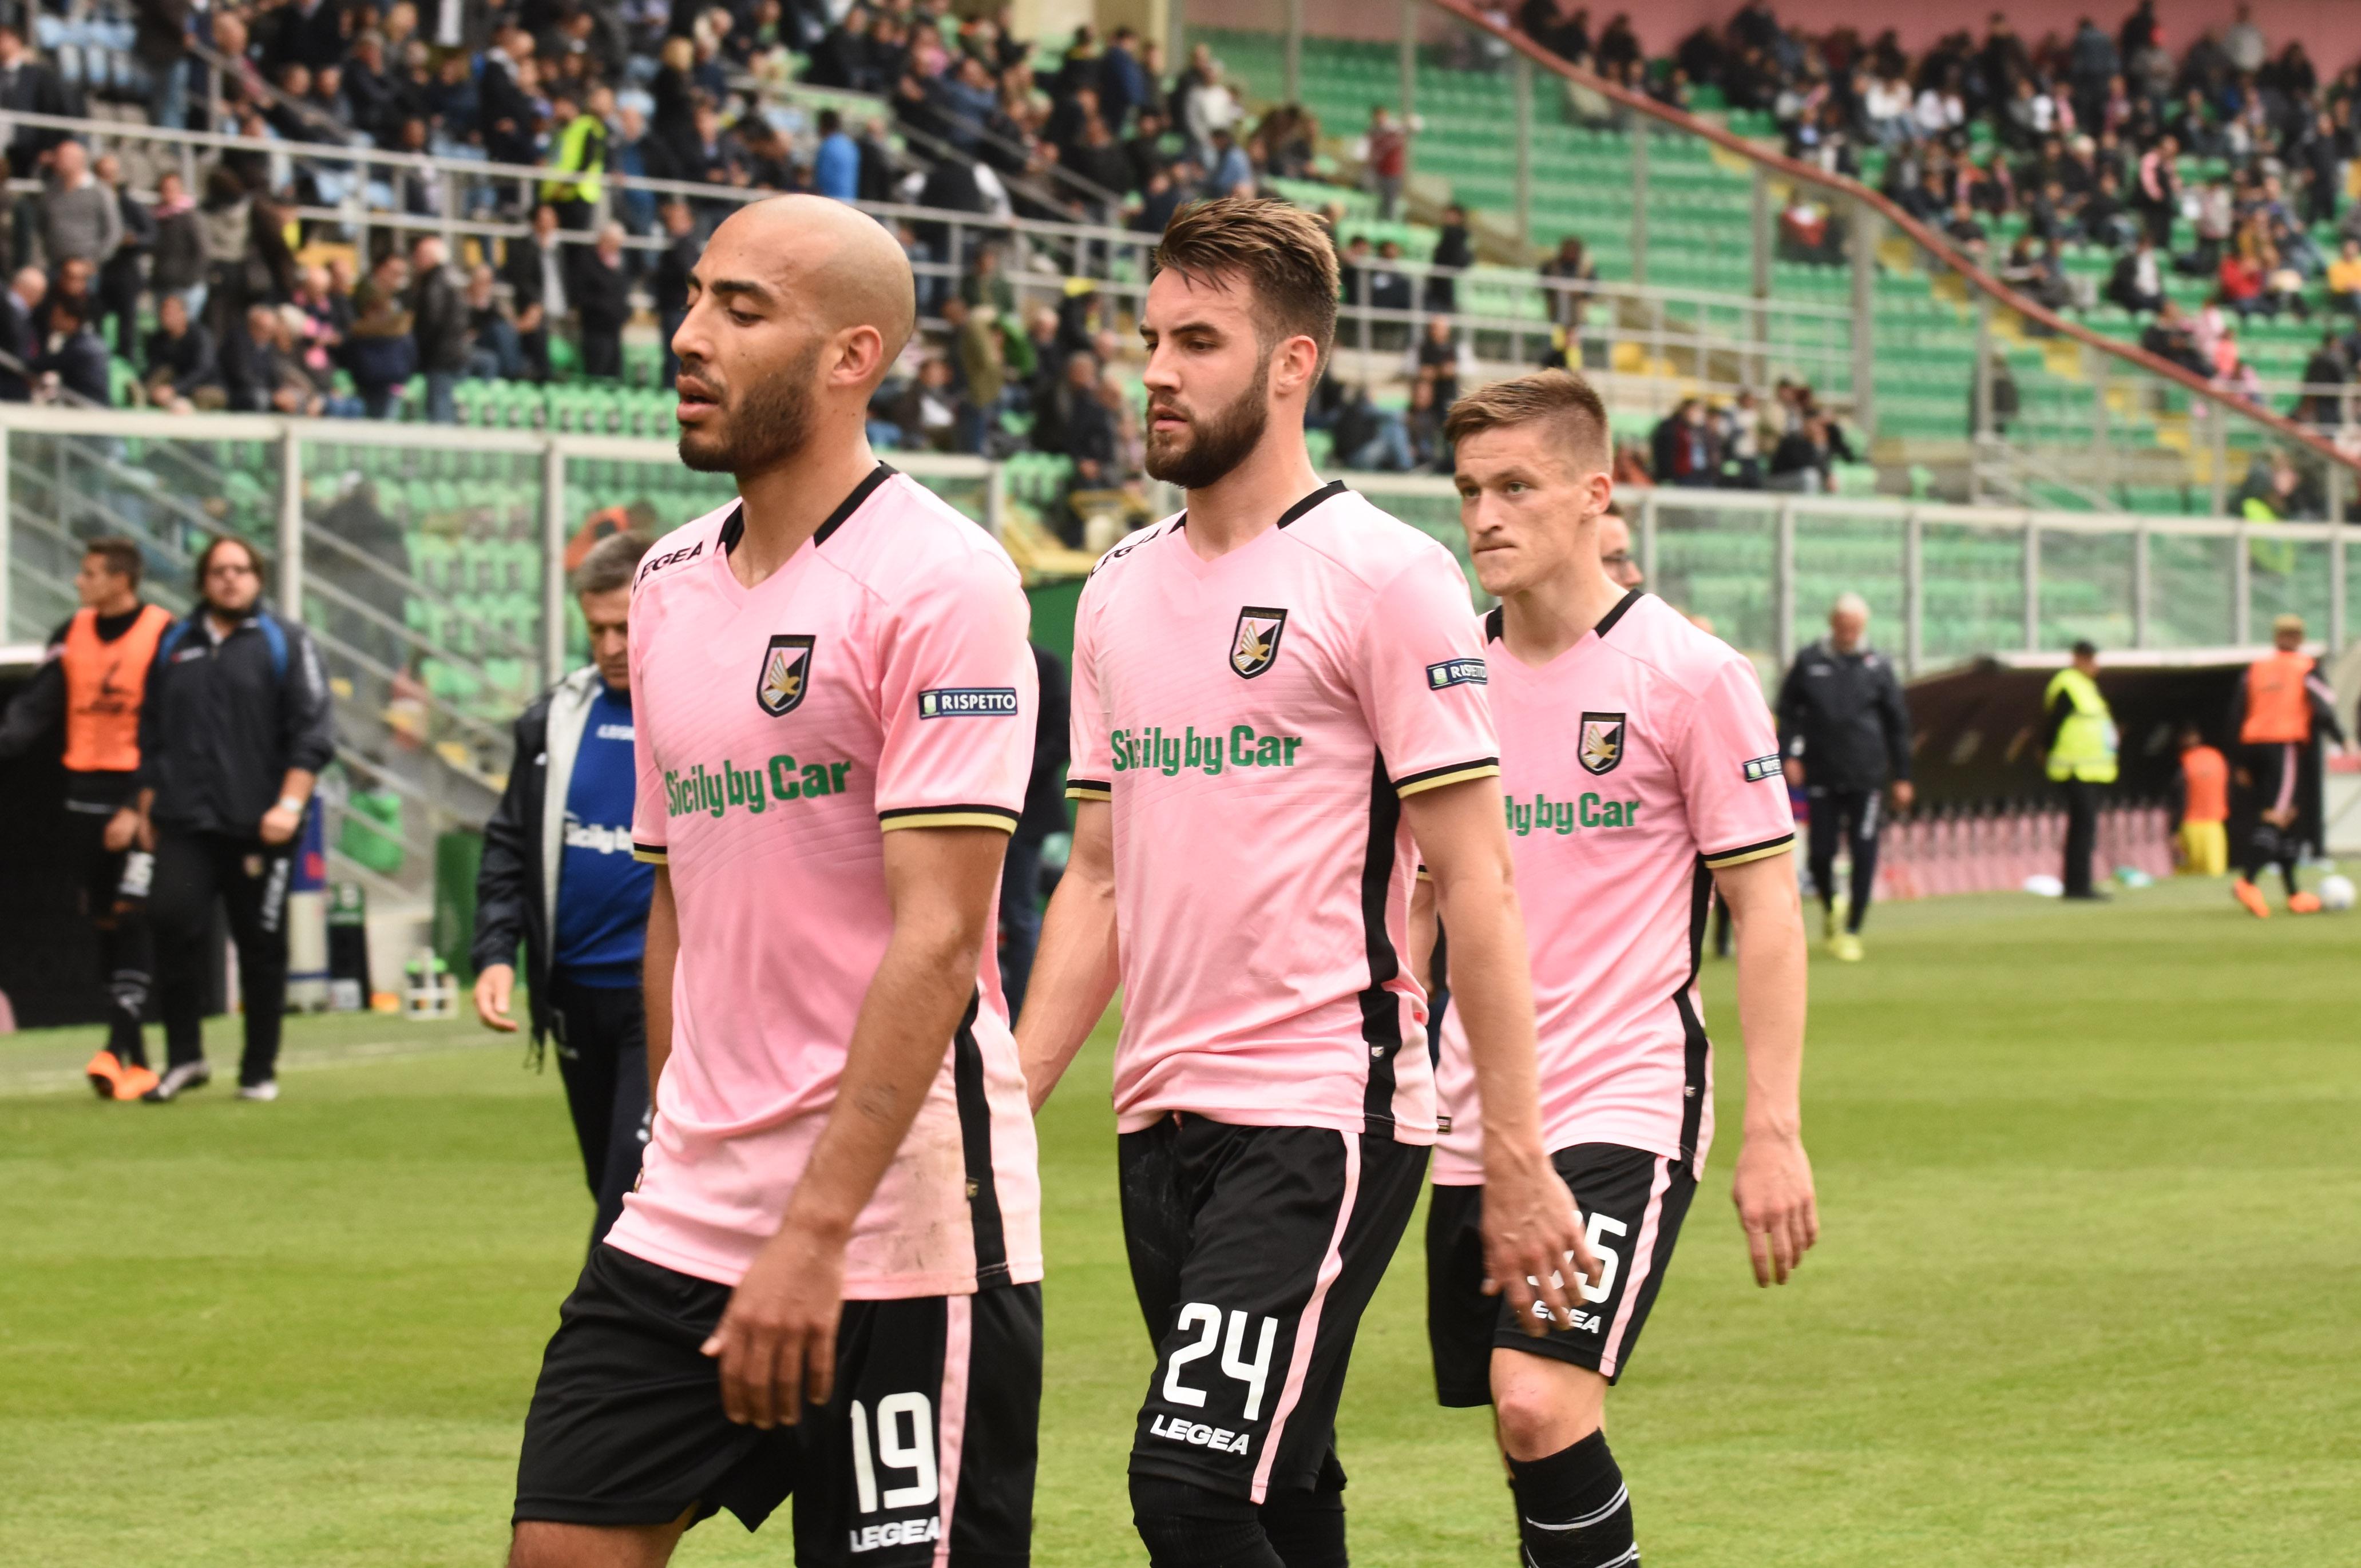 """Secondo pari consecutivo e una prestazione deludente per il Palermo, che pareggia 1-1 con la Cremonese e fa vacillare la posizione di Bruno Tedino. Un dato che emerge anche dalle pagelle dei quotidiani sportivi locali e nazionali, con voti bassi per molti dei giocatori rosanero. LE PAGELLE IRONICHE DI AMENTA E FERRARA Per la Gazzetta dello Sport Coronado è il migliore dei rosa, ma """"Pomini non esce"""":Pomini 5,5; Dawidowicz 6, Struna 6, Szyminski 6,5; Rispoli 6,5, Murawski 6, Jajalo 6 (dal 22′ s.t. Accardi 6), Gnahoré 6 (dal 43′ s.t. Trajkovski s.v.), Aleesami 6; Coronado 7; Nestorovski 5,5 (dal 36′"""